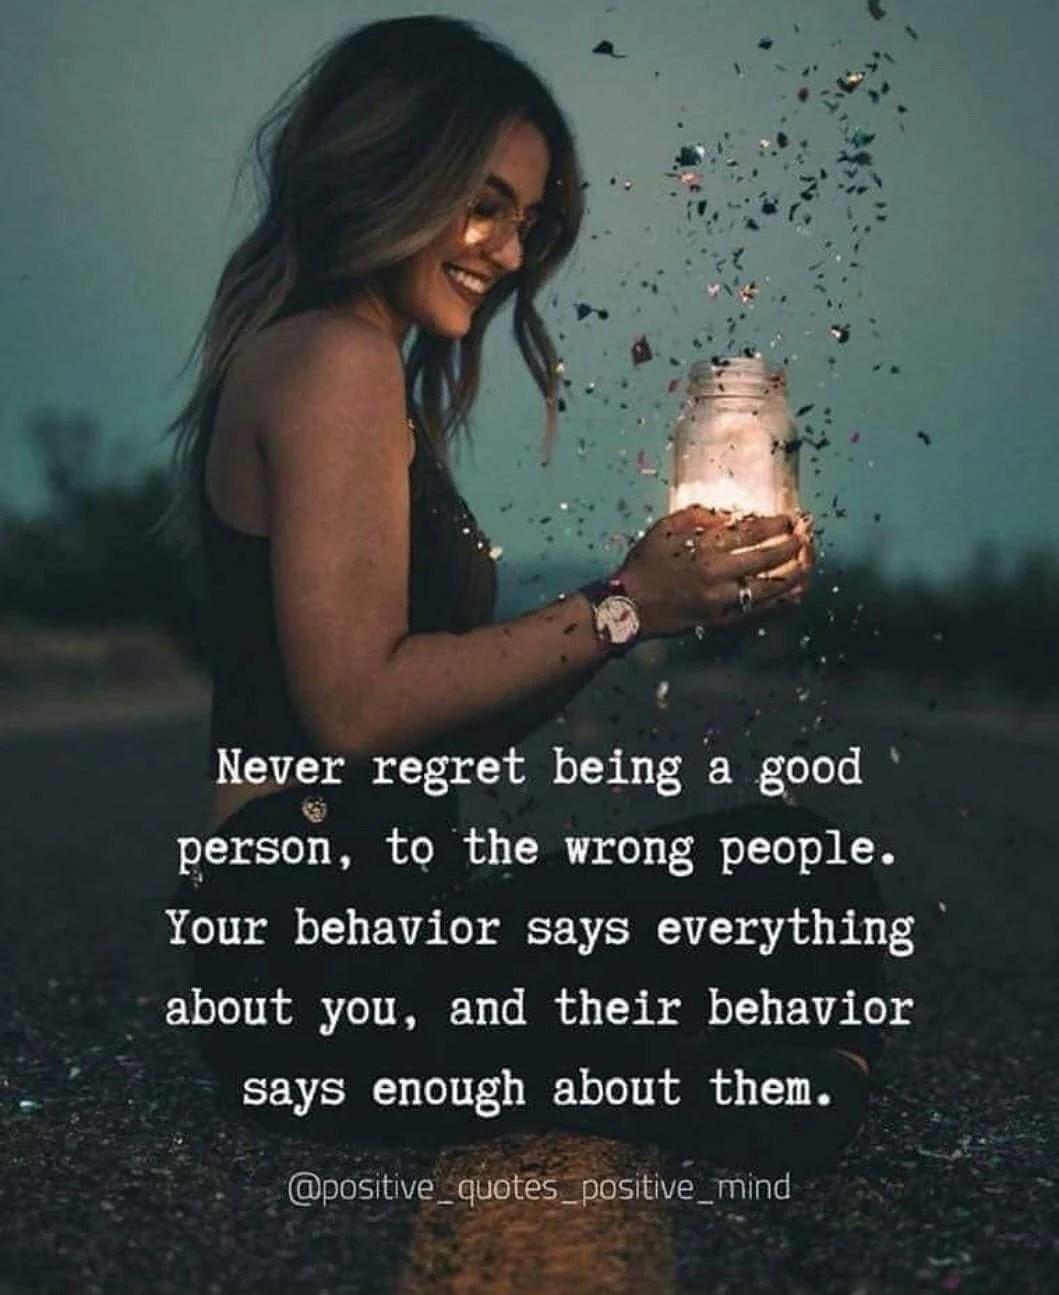 Alla förtjänar inte en chans